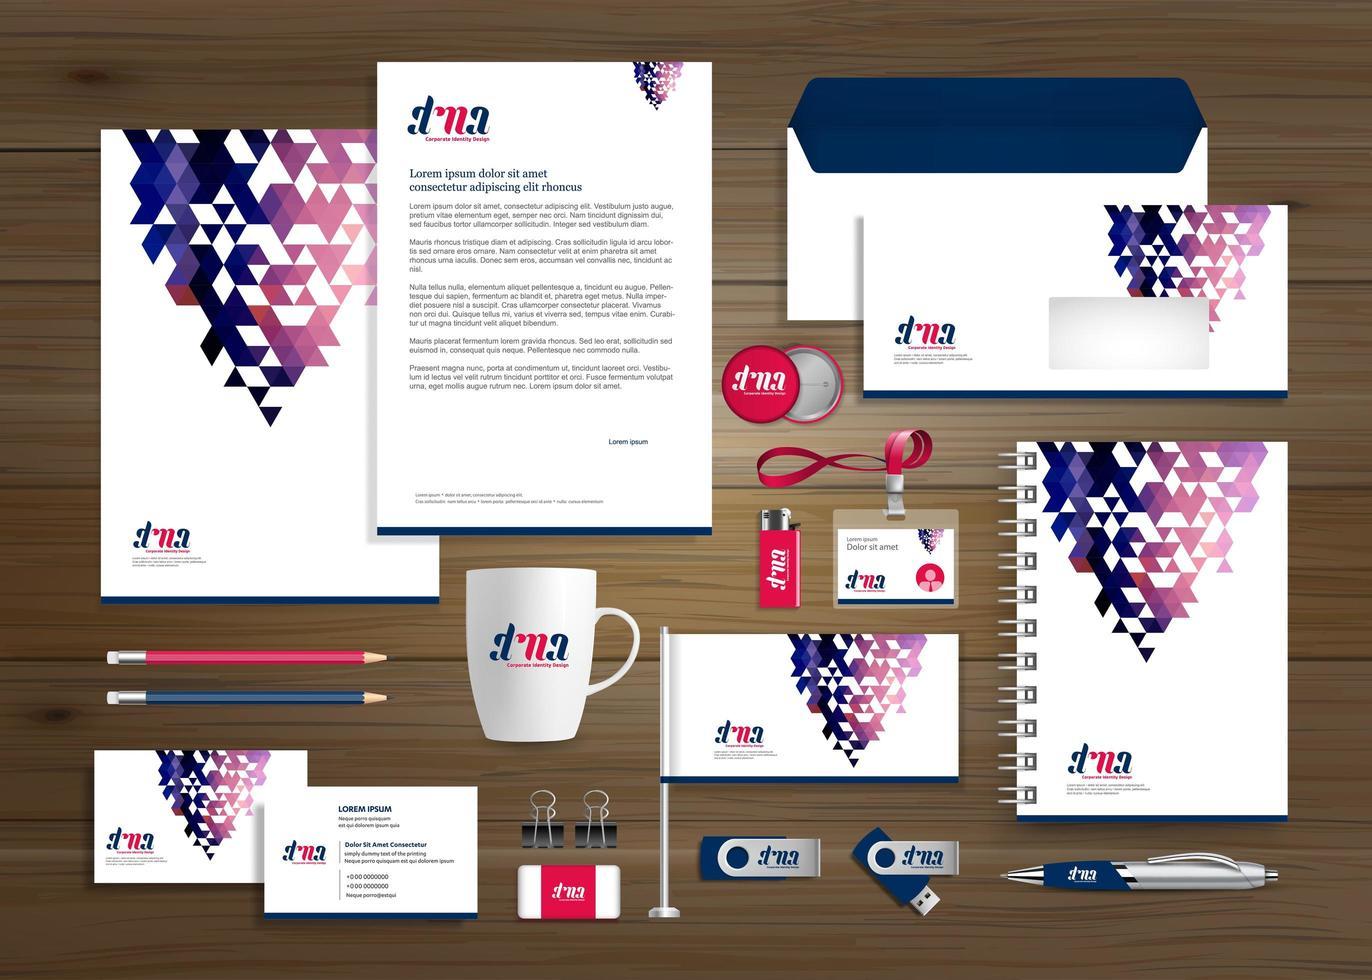 färgglada triangel design affärsidentitet och marknadsföringsuppsättning vektor